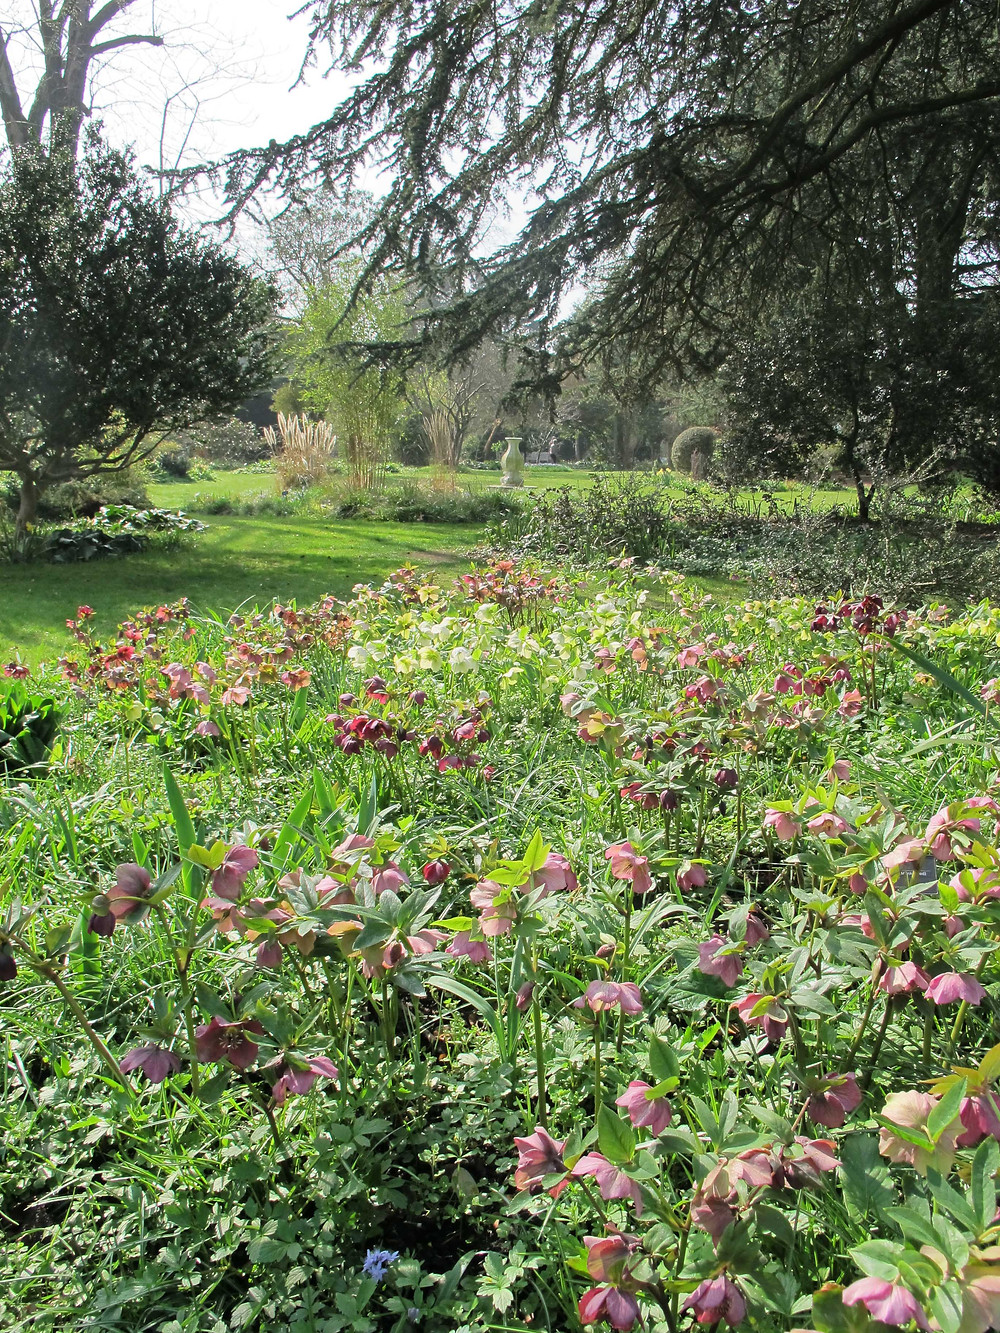 hellebores, myddleton house gardens, easter visit, Enfield